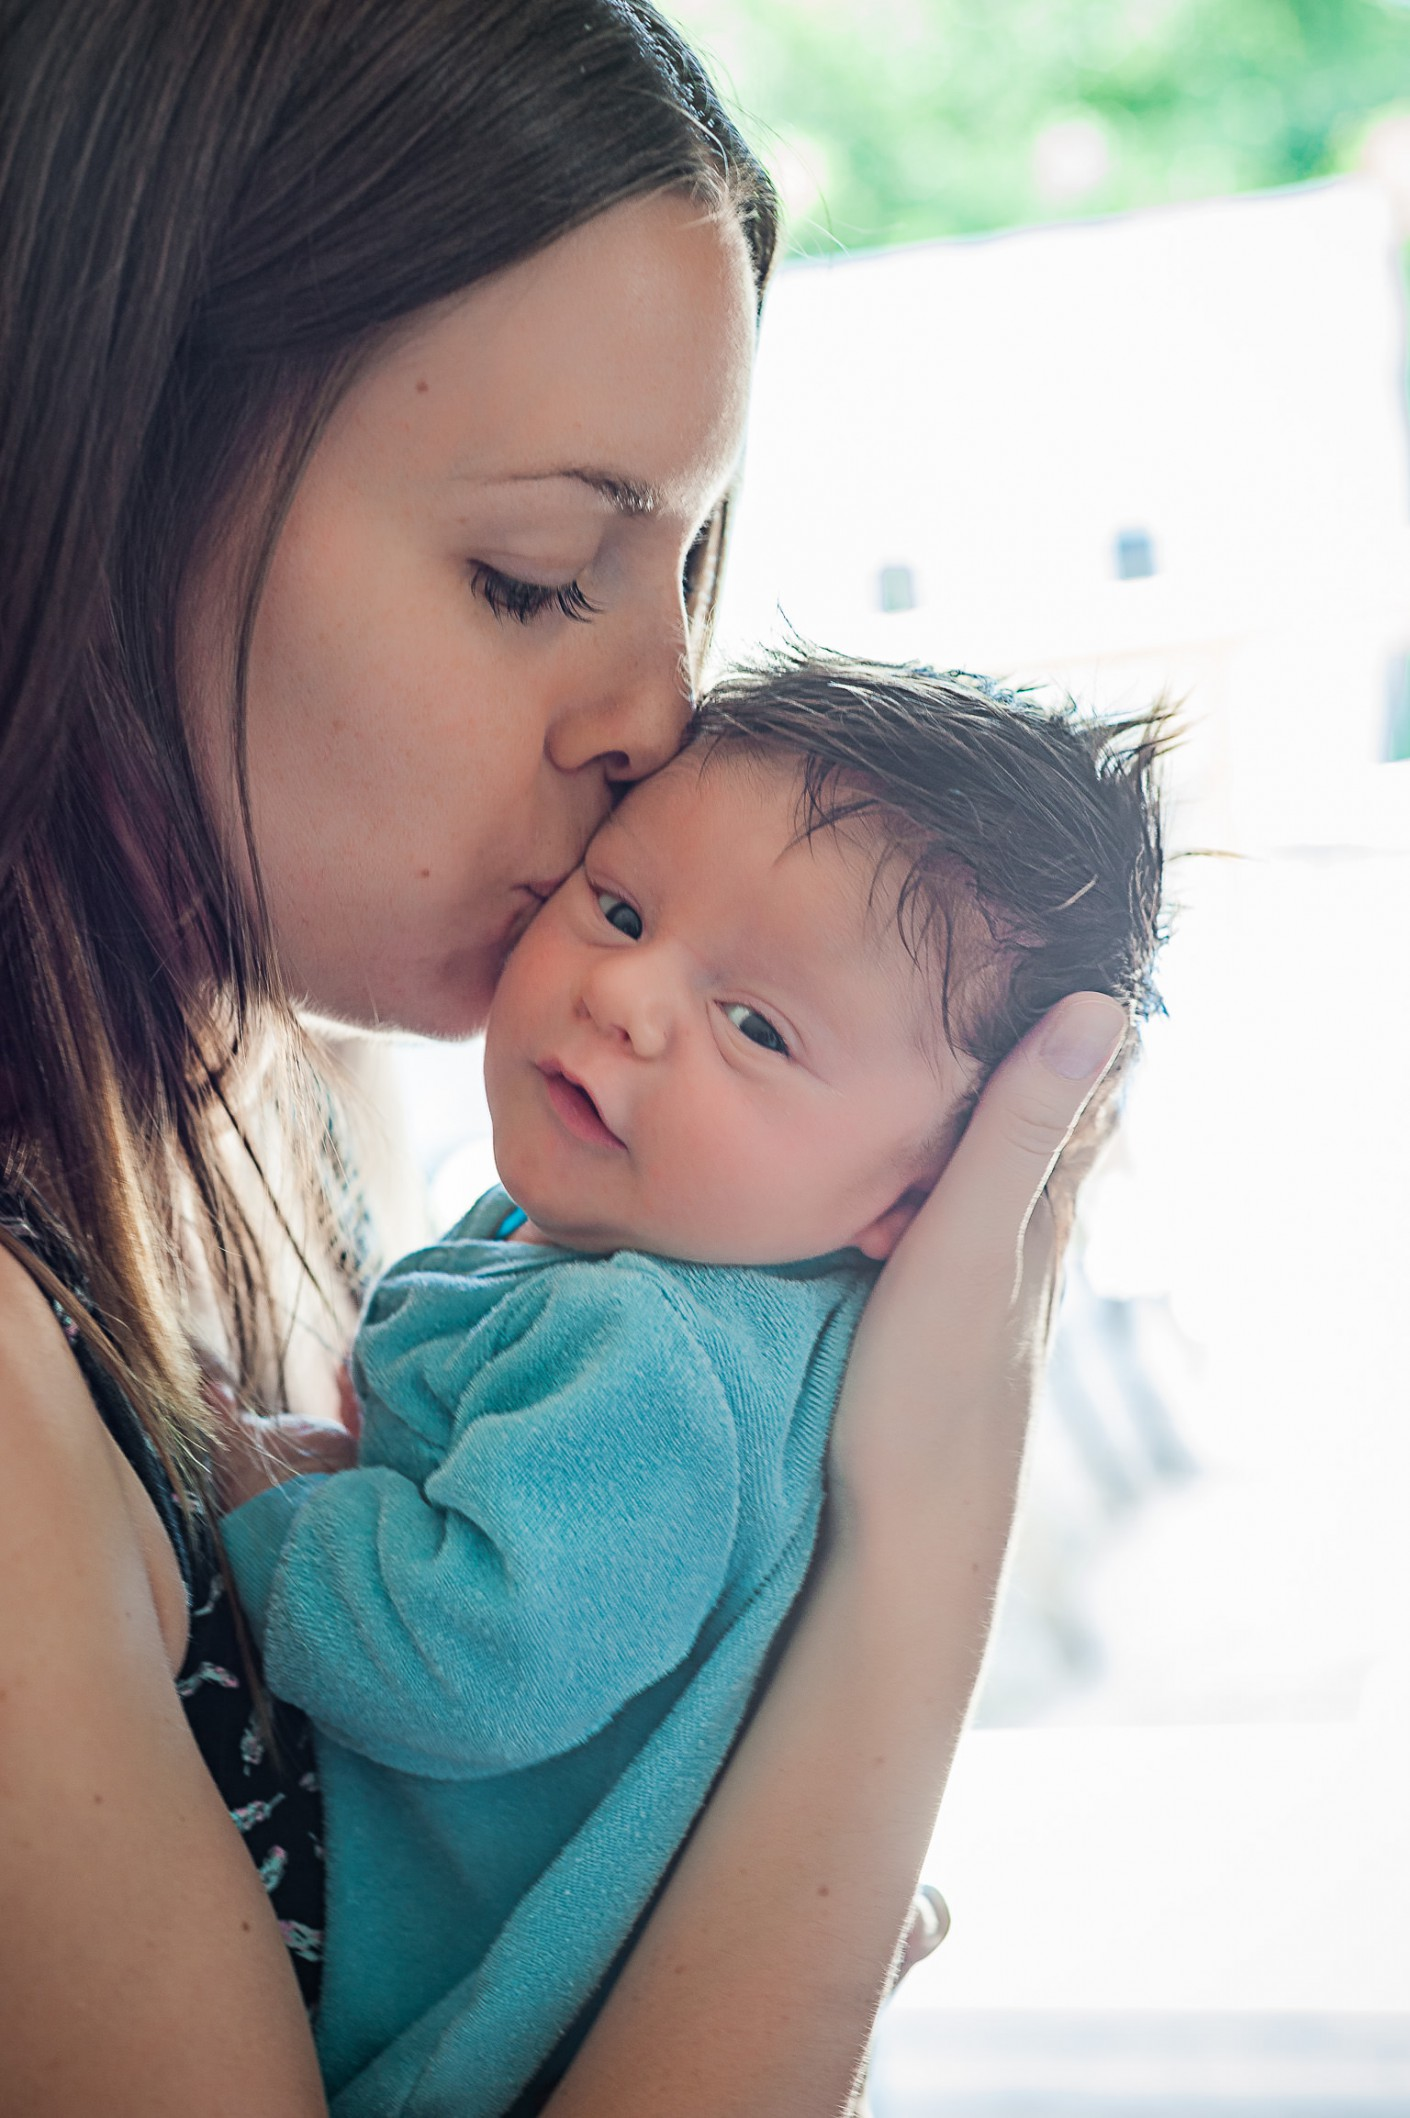 Bébé : Sourire heureux